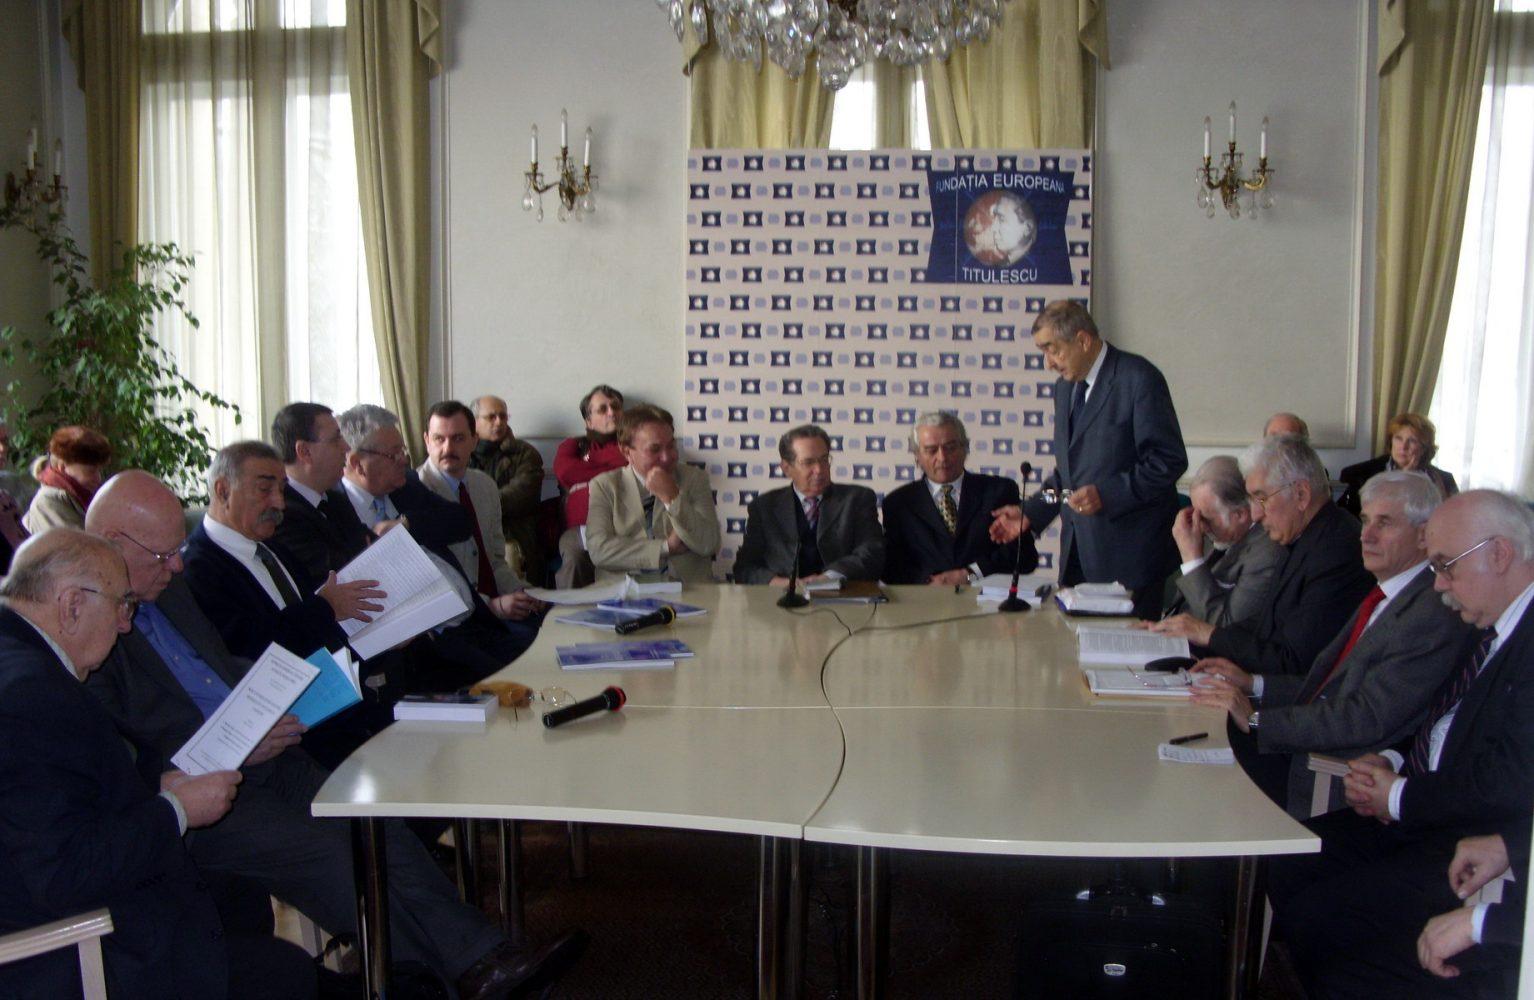 Noi contribuţii privind istoria modernă şi contemporană a României